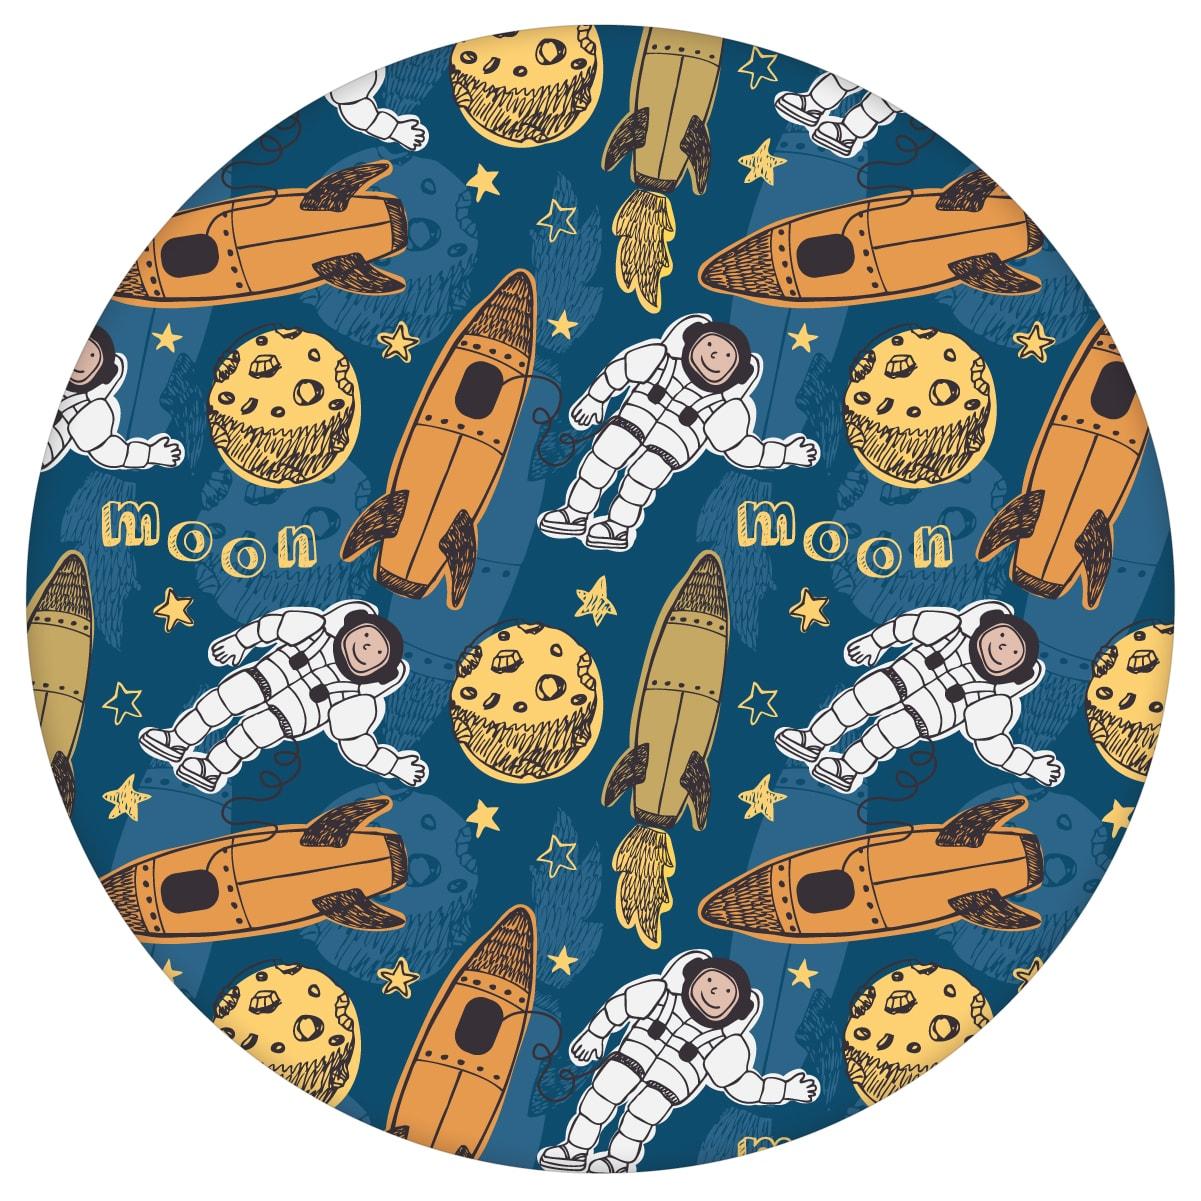 """Coole Weltraum Kinderzimmer Tapete """"Rocket Moon"""", blaue Vlies-Tapete , Space Kindertapete für Spielzimmeraus dem GMM-BERLIN.com Sortiment: blaue Tapete zur Raumgestaltung: #00136 #blau #Blaue Tapeten #kinder #Kindertapete #kinderzimmer #Mond #Rakete #Space #Weltraum für individuelles Interiordesign"""